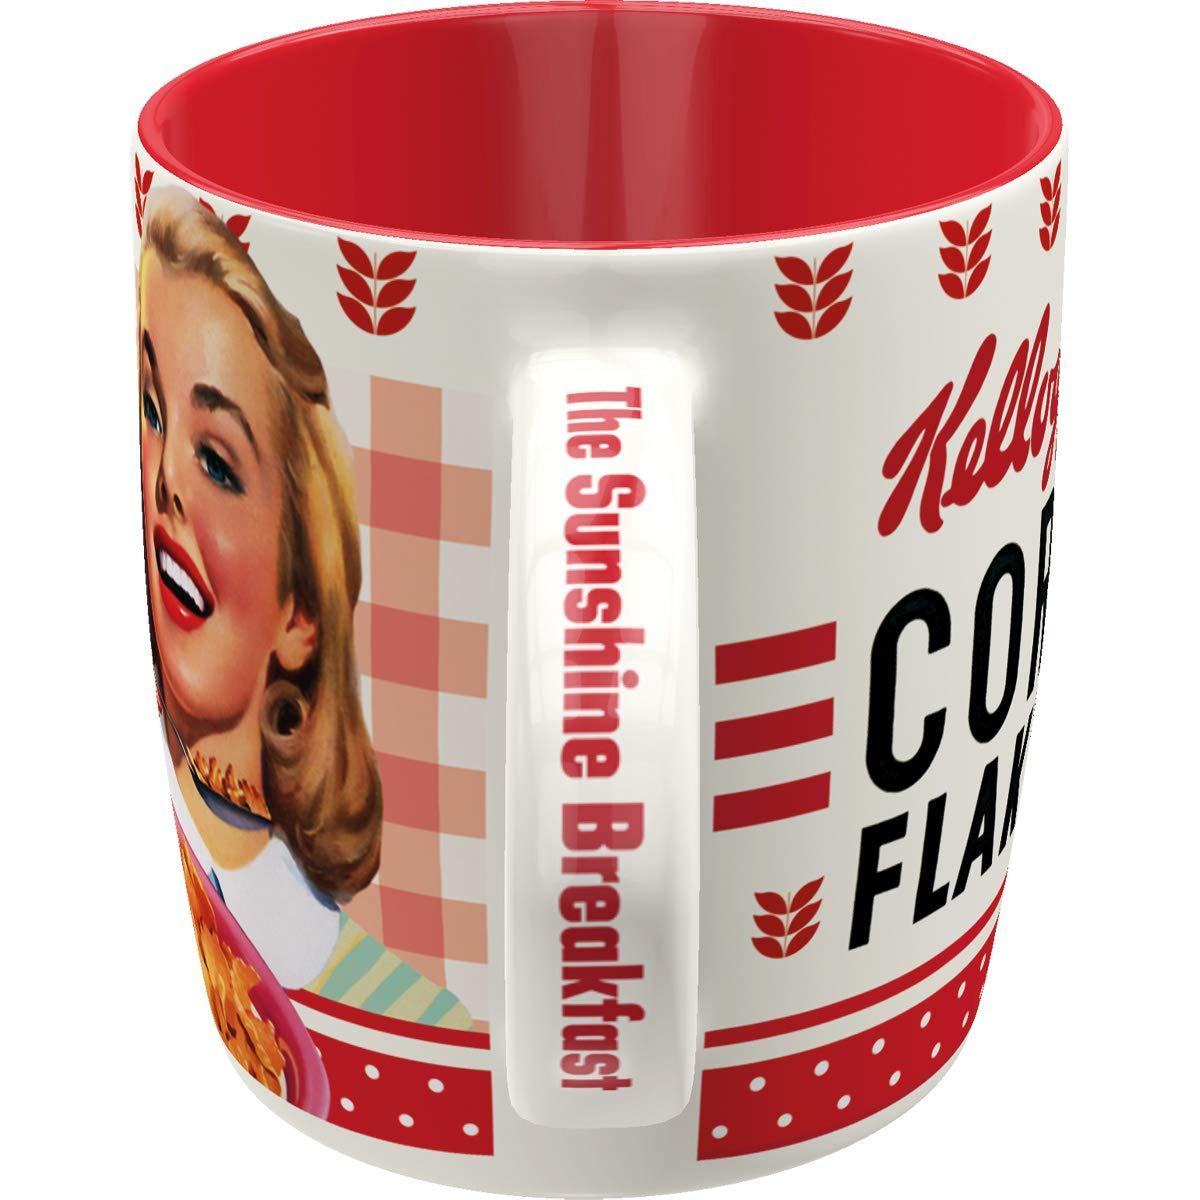 Geschenk-Idee f/ür Vintage-Liebhaber Girl Collage 330 ml Nostalgic-Art 43037 Retro Kaffee-Becher Kelloggs Gro/ße Lizenz-Tasse mit Fr/ühst/ücksmotiv